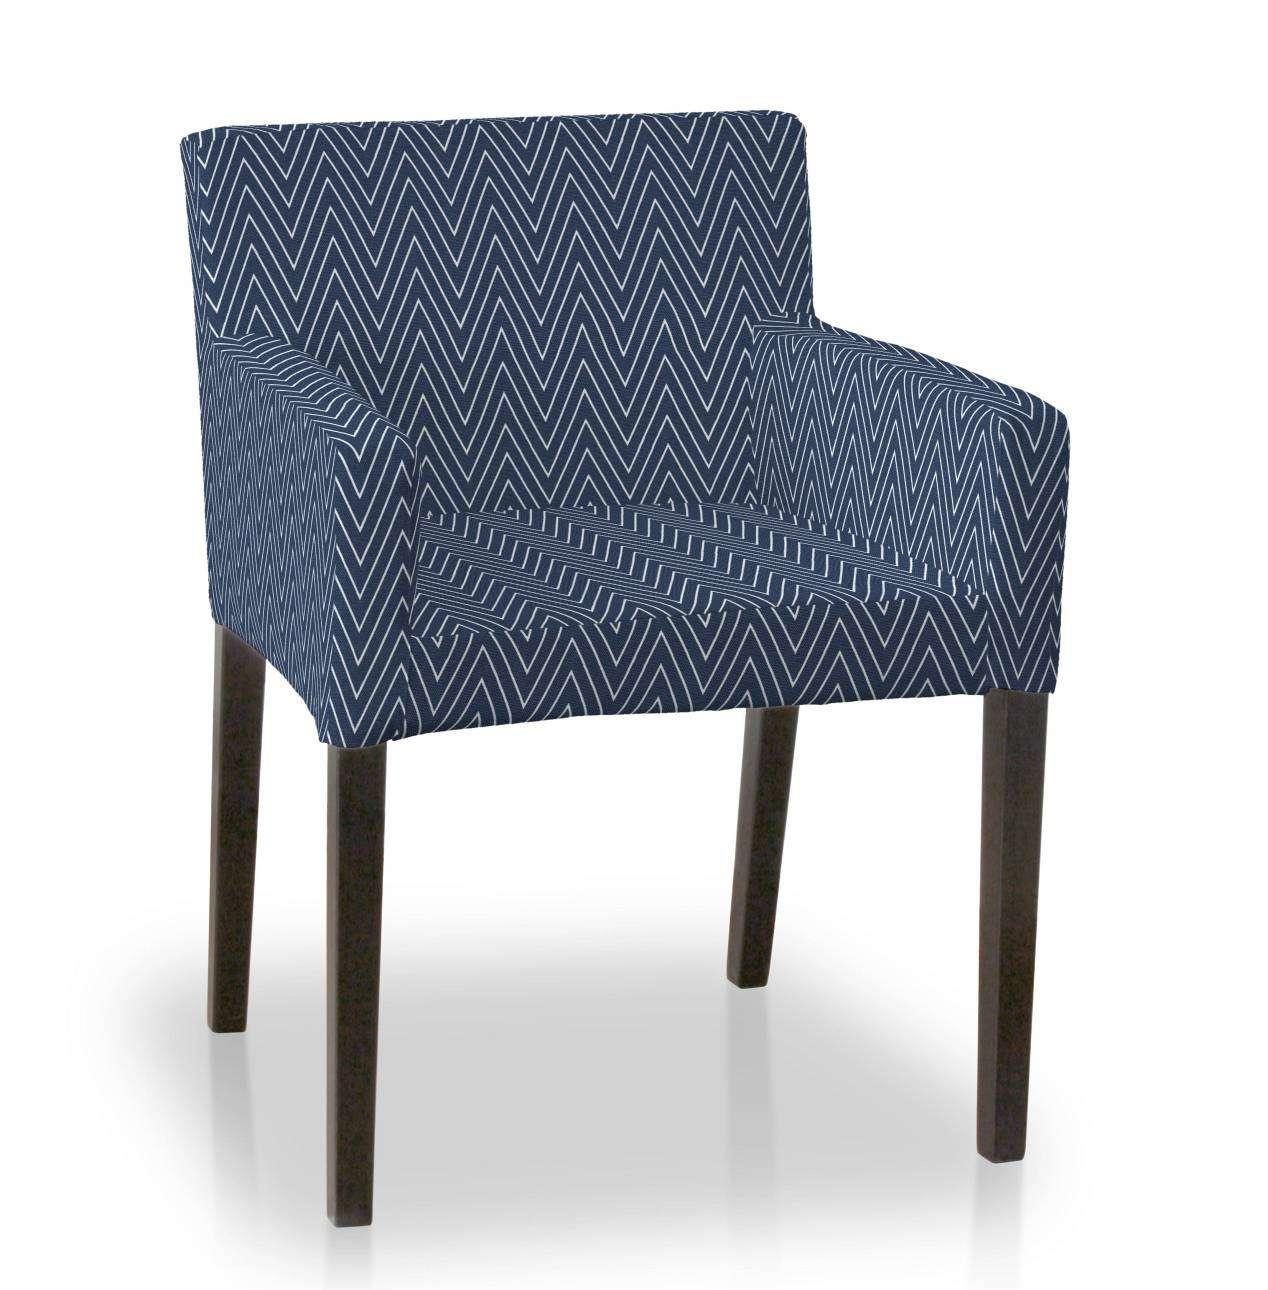 Nils kėdės užvalkalas Nils kėdė kolekcijoje Brooklyn, audinys: 137-88